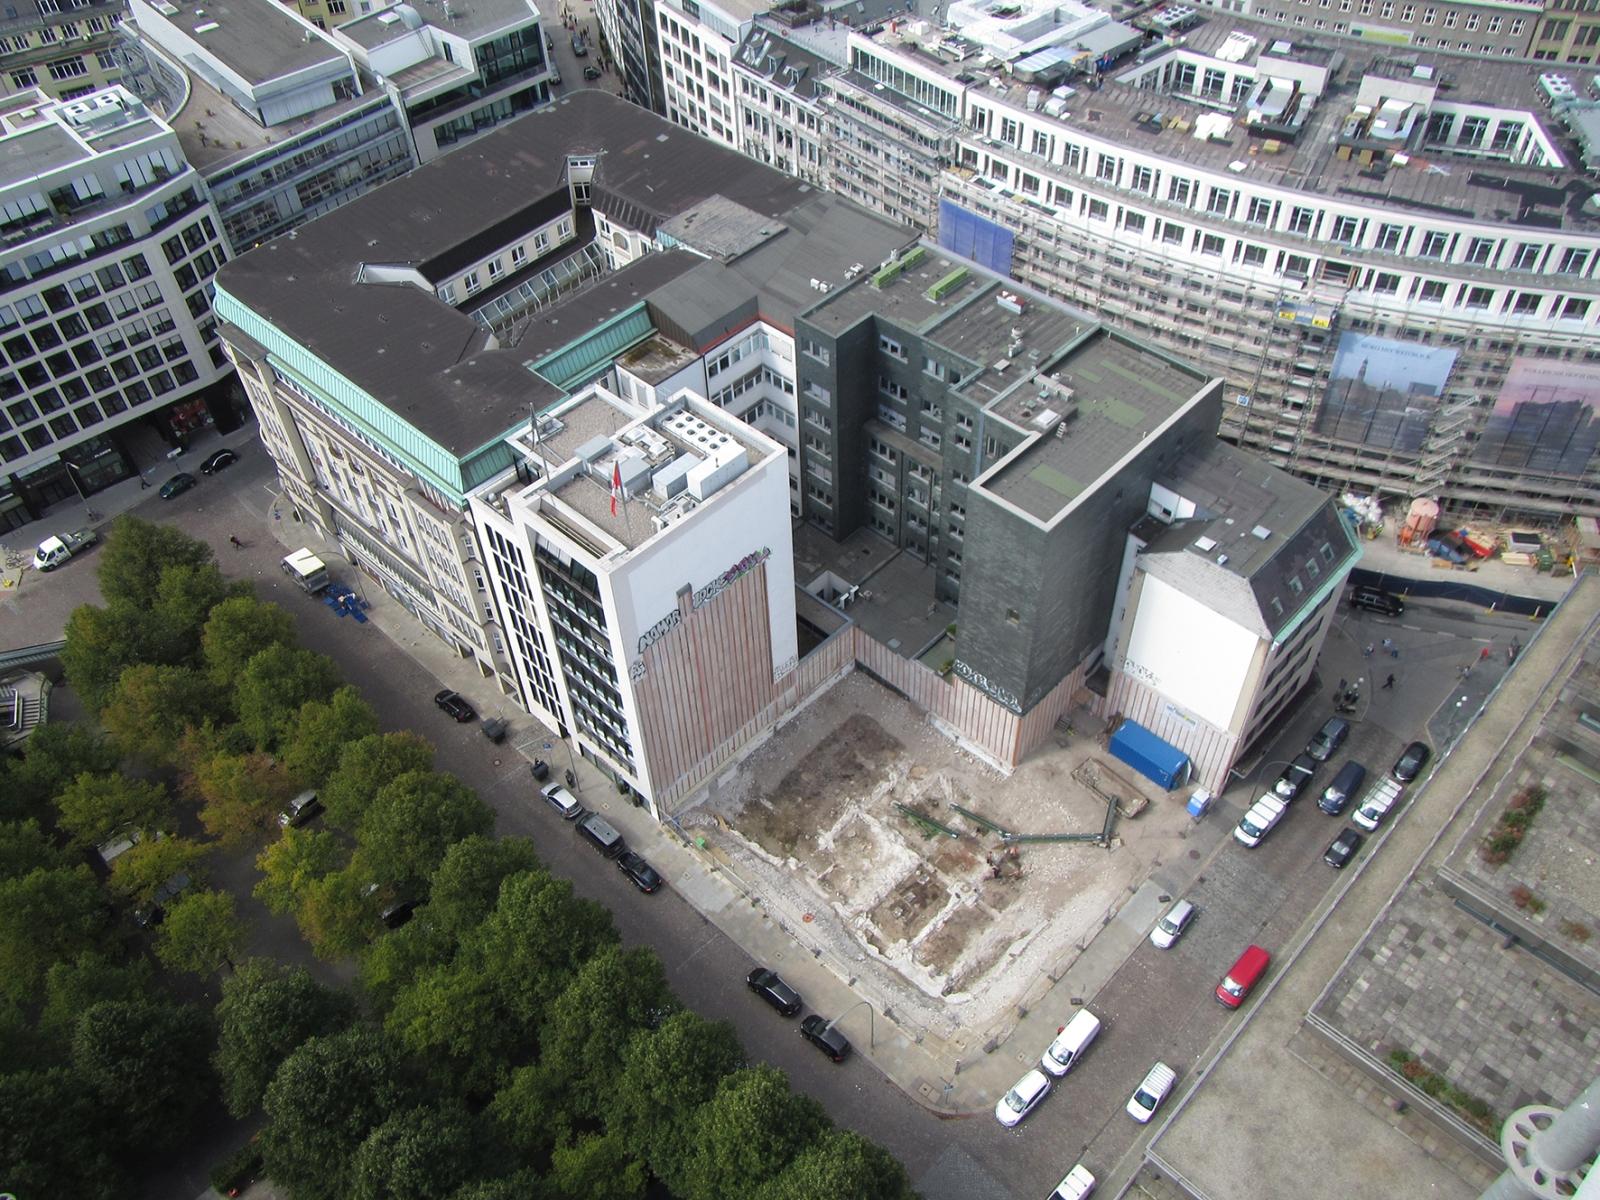 Luftbild: Die Ausgrabungsfläche (2014) mit den Fundamentresten der Nikolaikirche am Hopfenmarkt/Ecke Hahntrapp